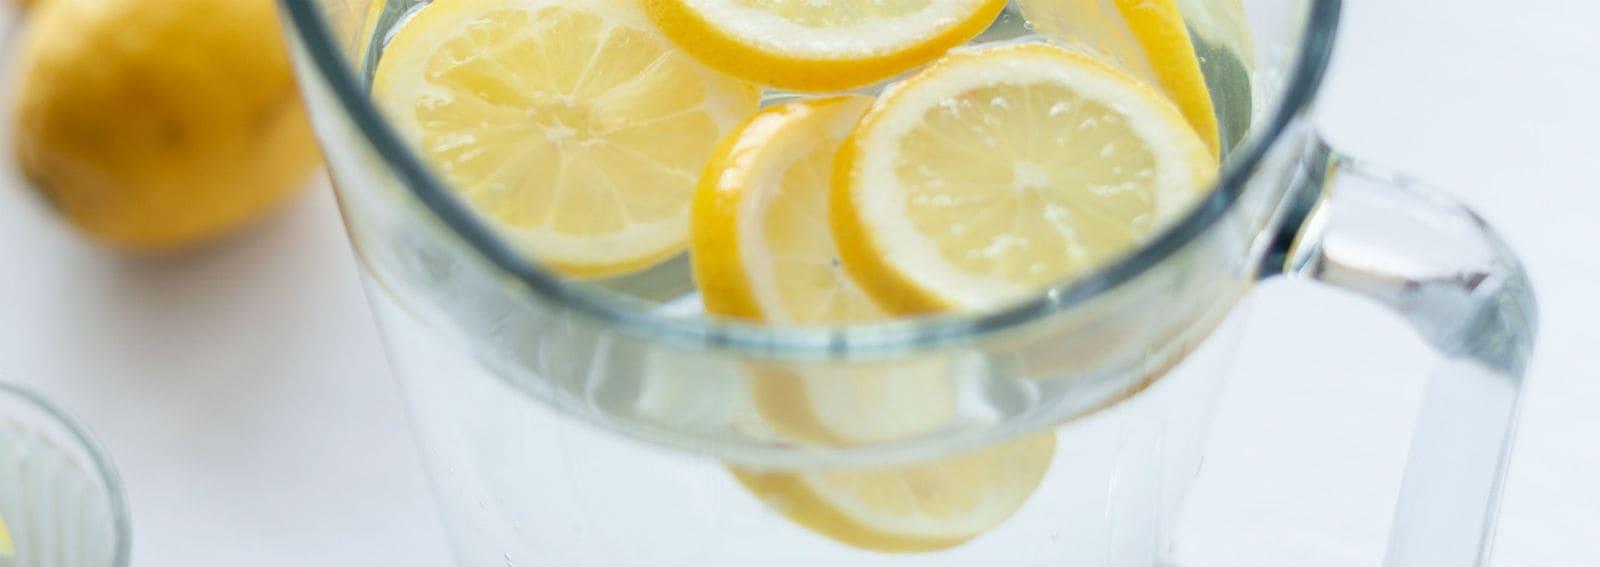 acqua e limoni